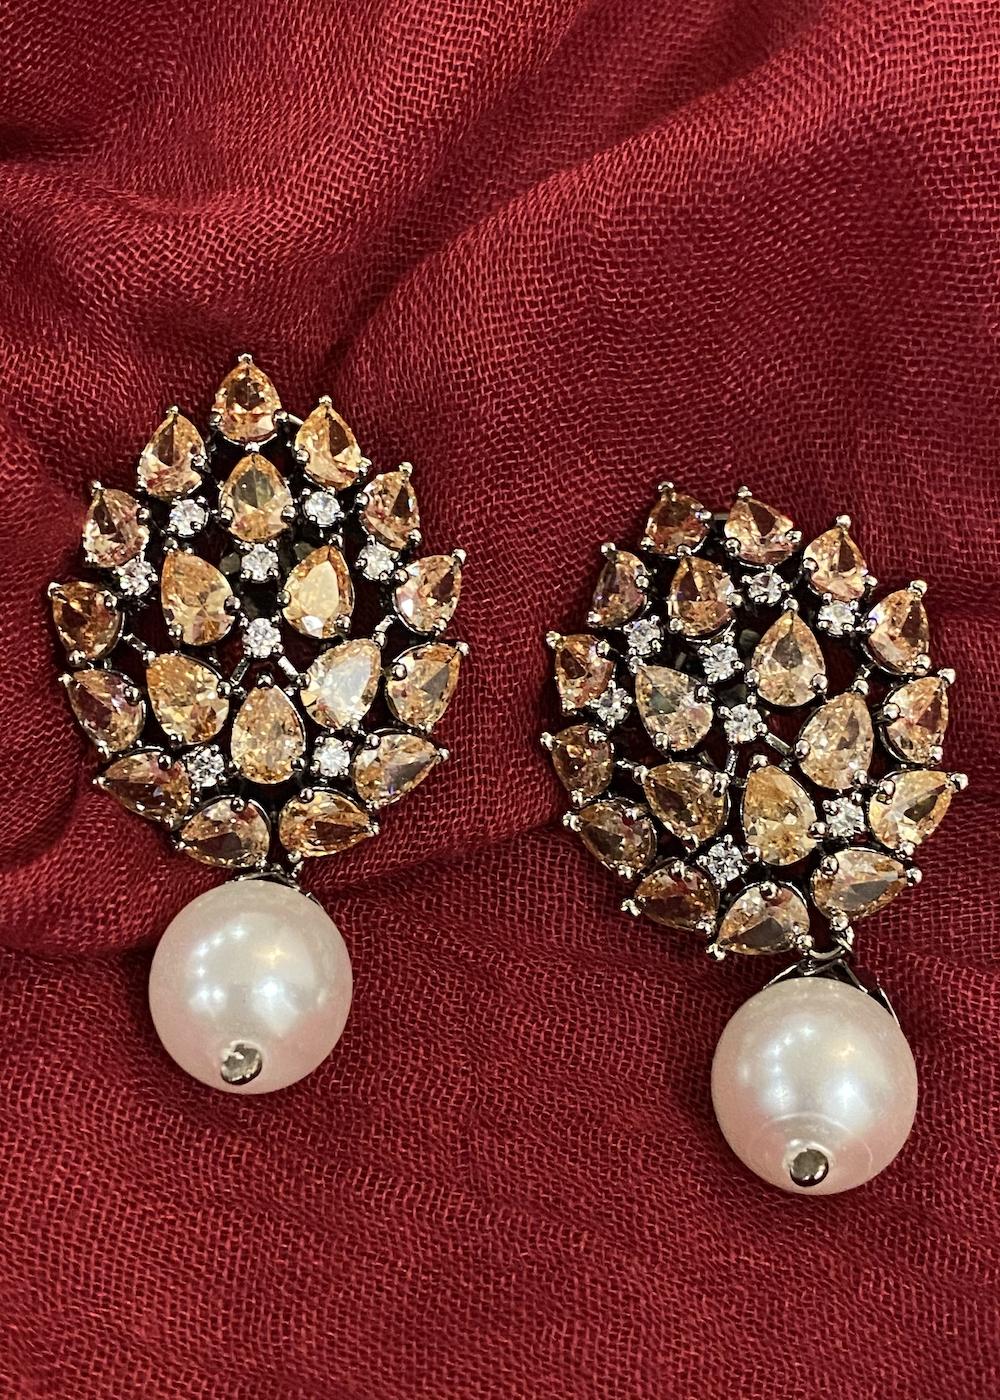 Swabhimann Jewellery | Swabhimann Jwellery Turtle Shell Studs Sandstone with Pearl Drop